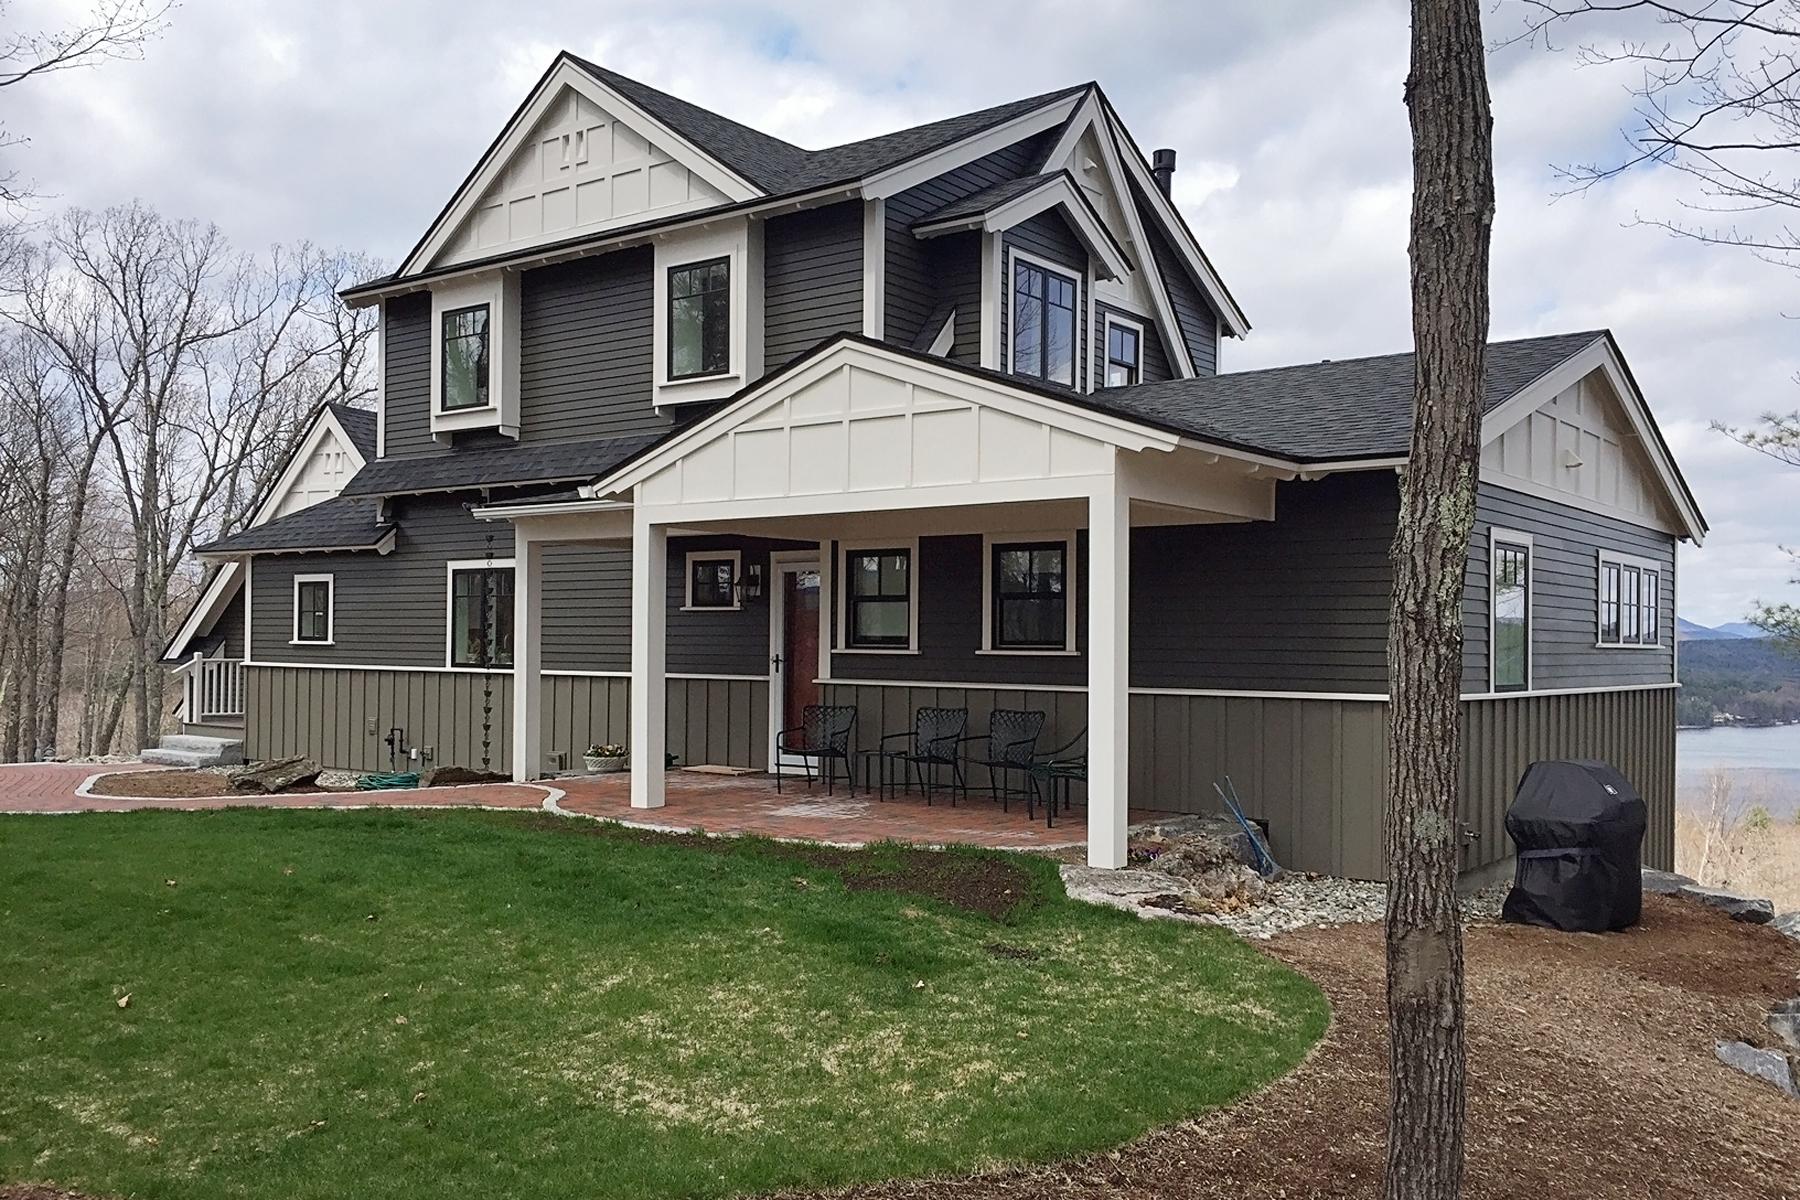 Casa para uma família para Venda às 12 Peaked Hill Rd, Ashland Ashland, New Hampshire, 03217 Estados Unidos